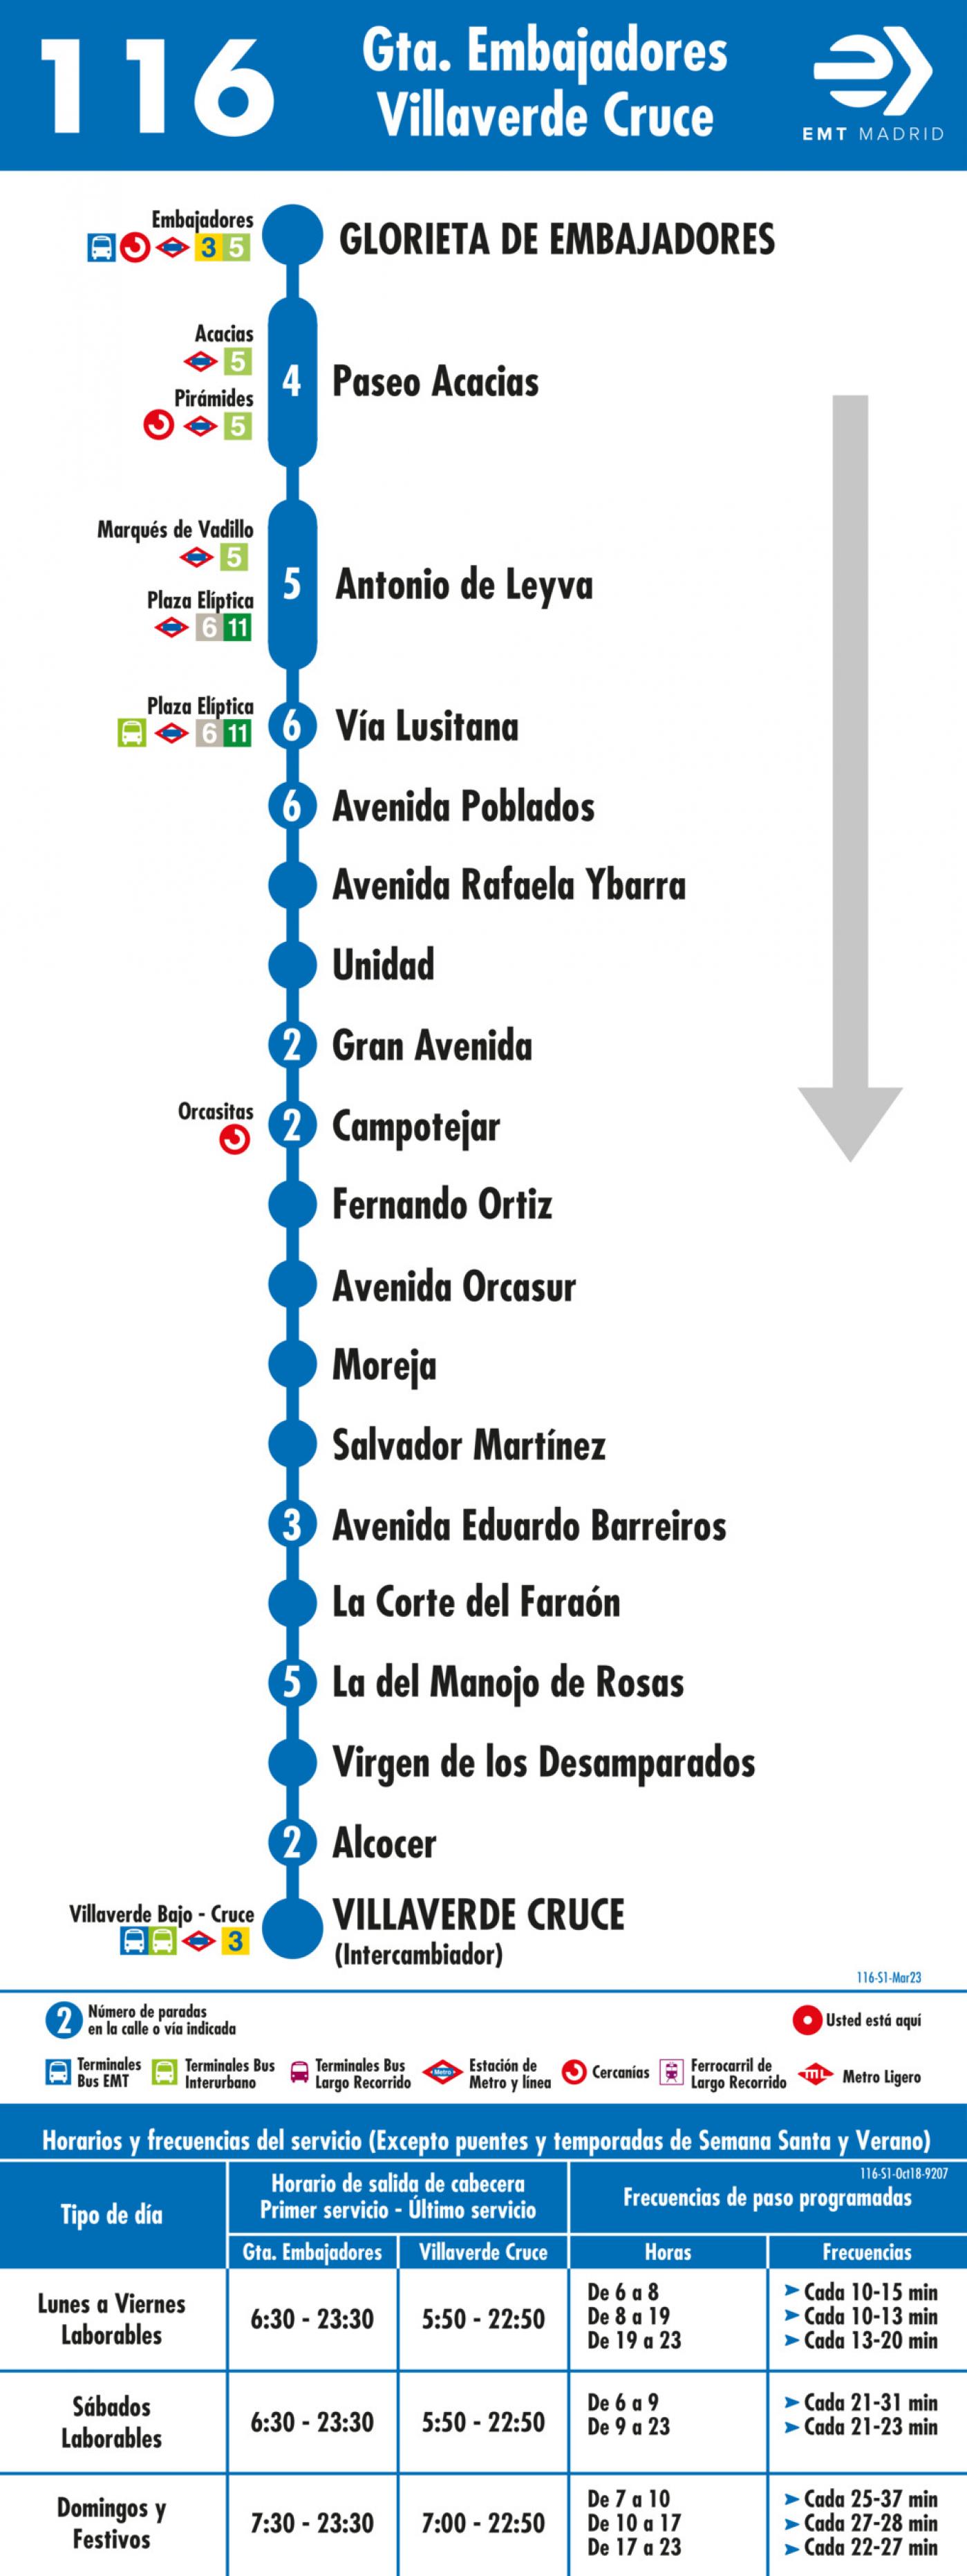 Tabla de horarios y frecuencias de paso en sentido ida Línea 116: Glorieta de Embajadores - Villaverde Cruce